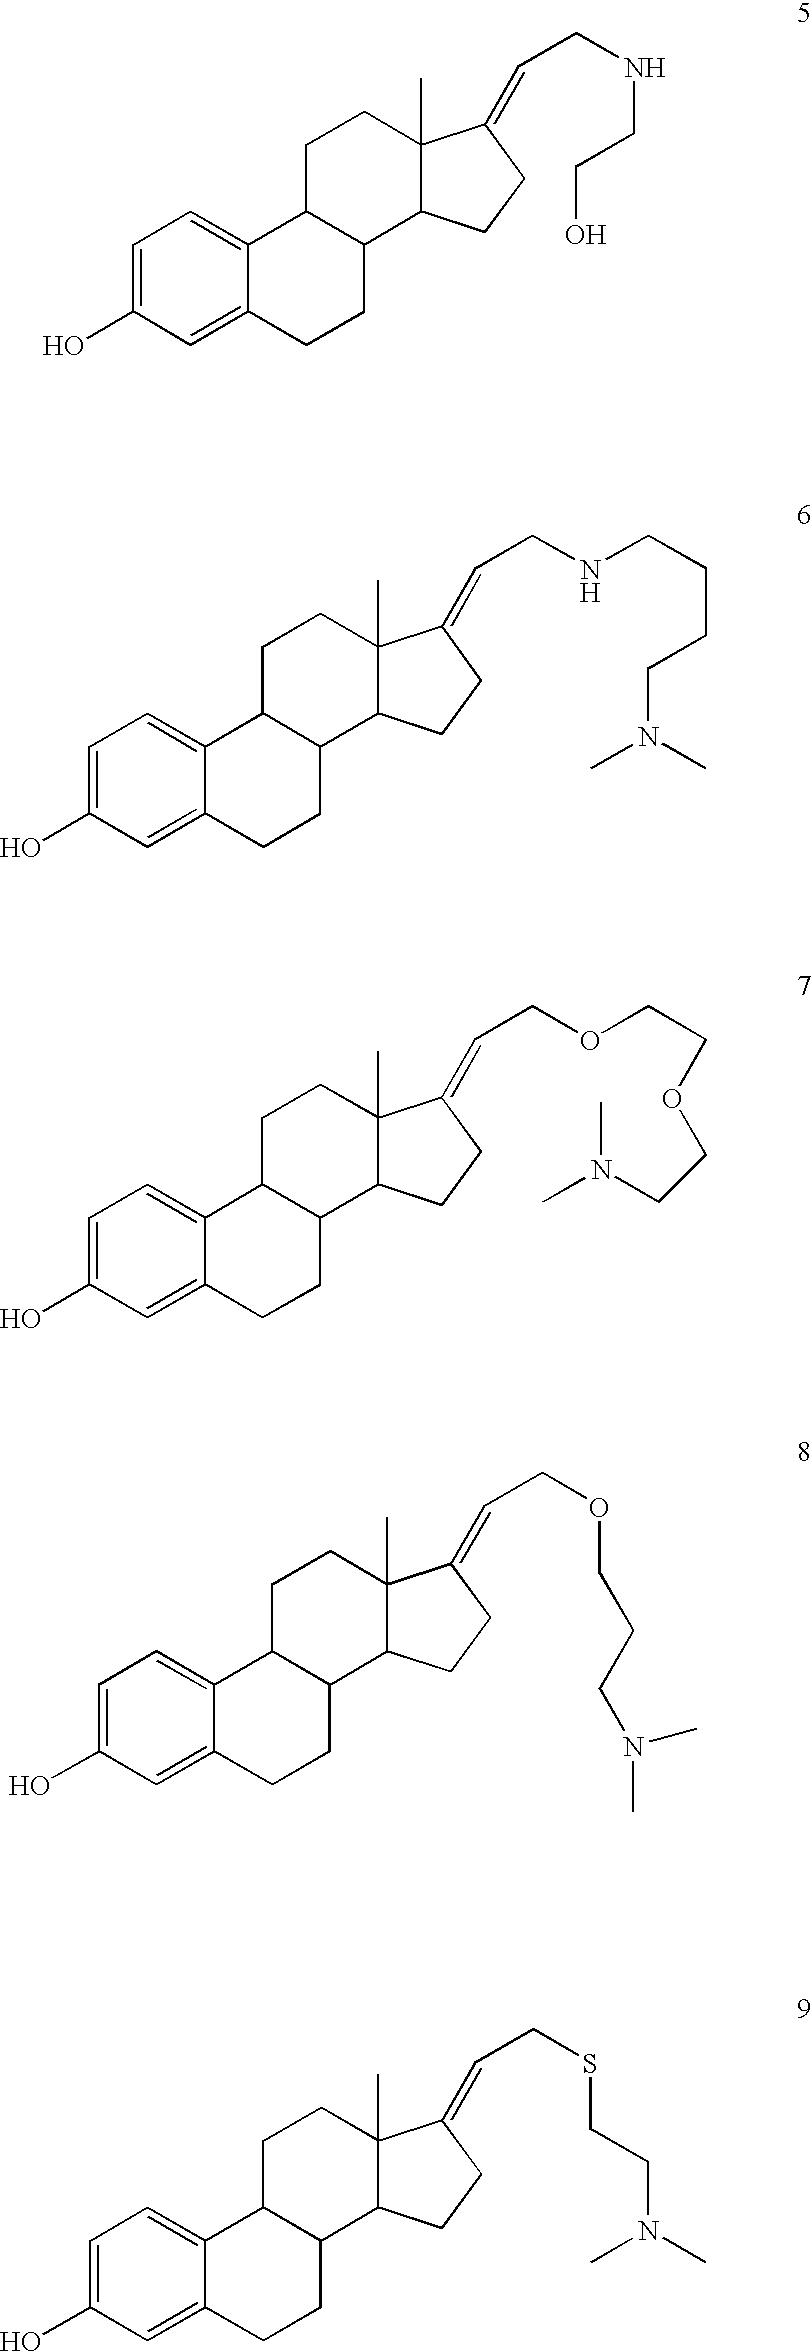 Figure US06747018-20040608-C00021